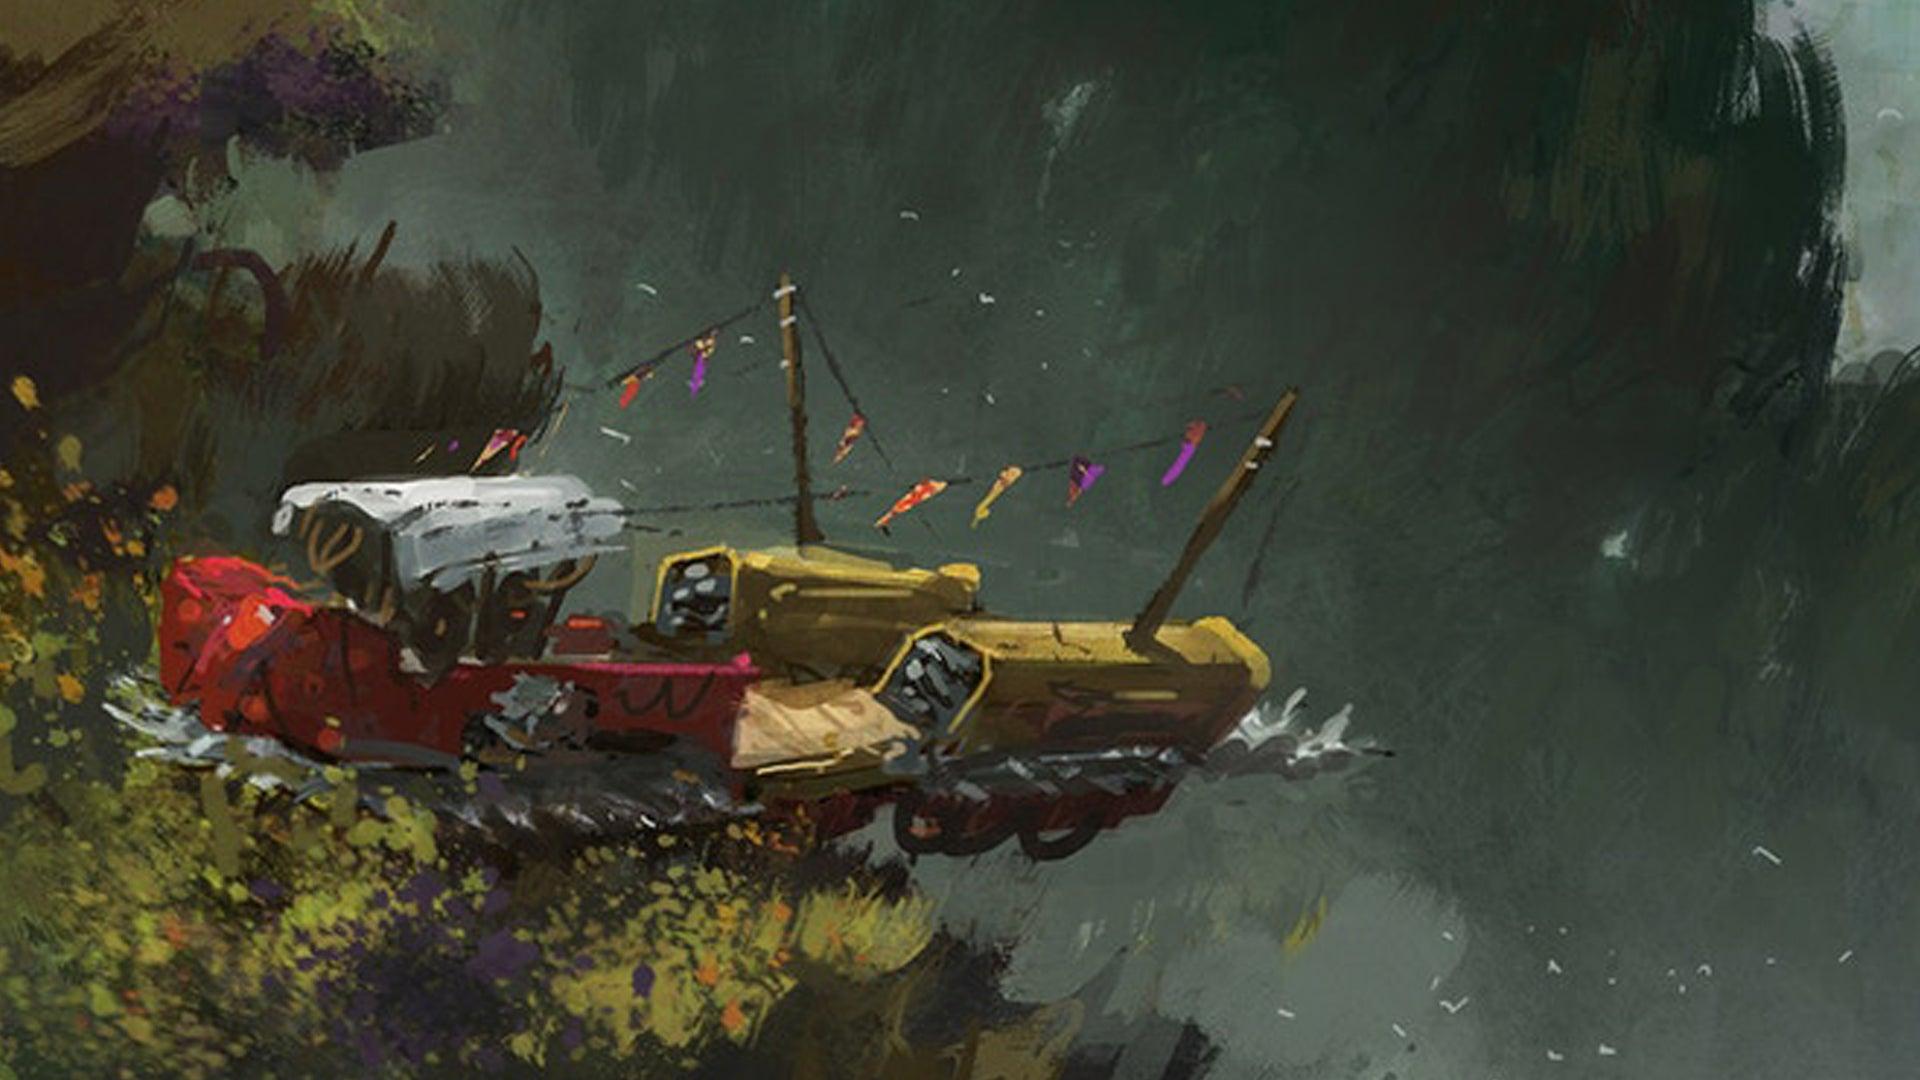 Wildsea RPG artwork